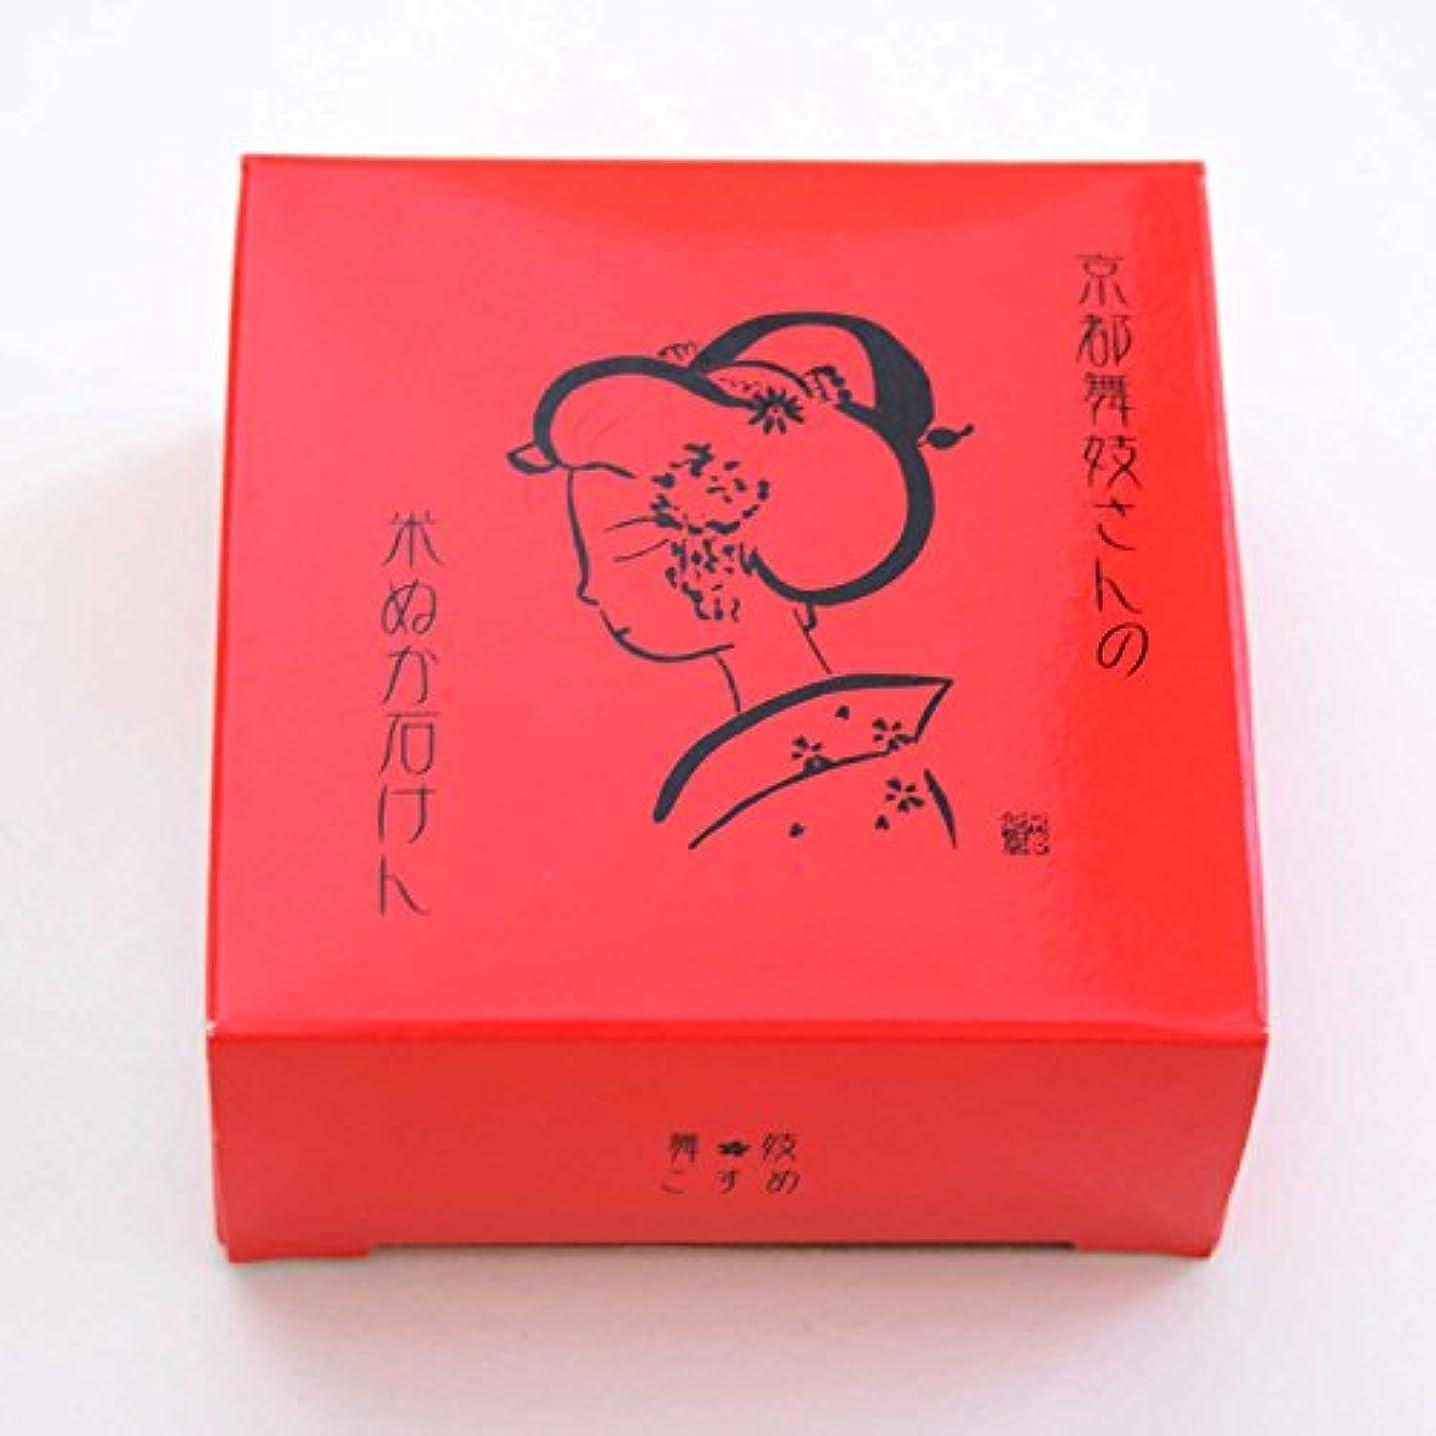 誕生日修復倍増京都限定 舞妓さんの米ぬか石鹸 米ぬかエキス配合 無香料 無着色